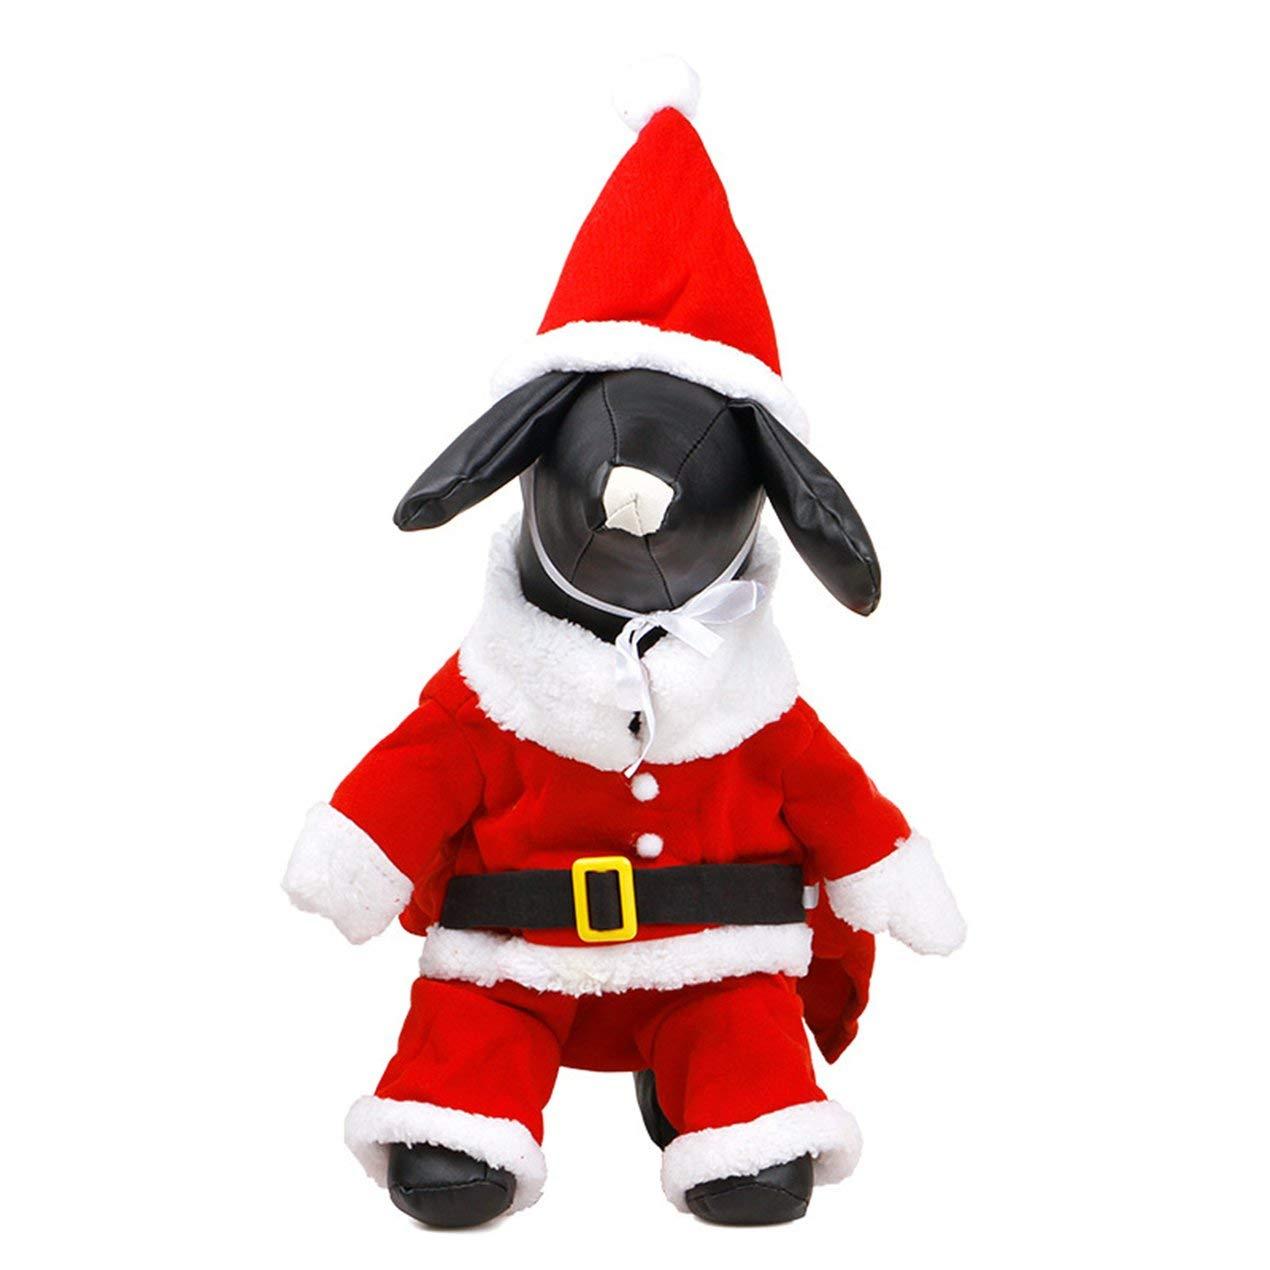 Dooret Papá Noel se convirtió en una Ropa para Perros. Oso de Peluche. Otoño e Invierno. Ropa cálida para Mascotas.